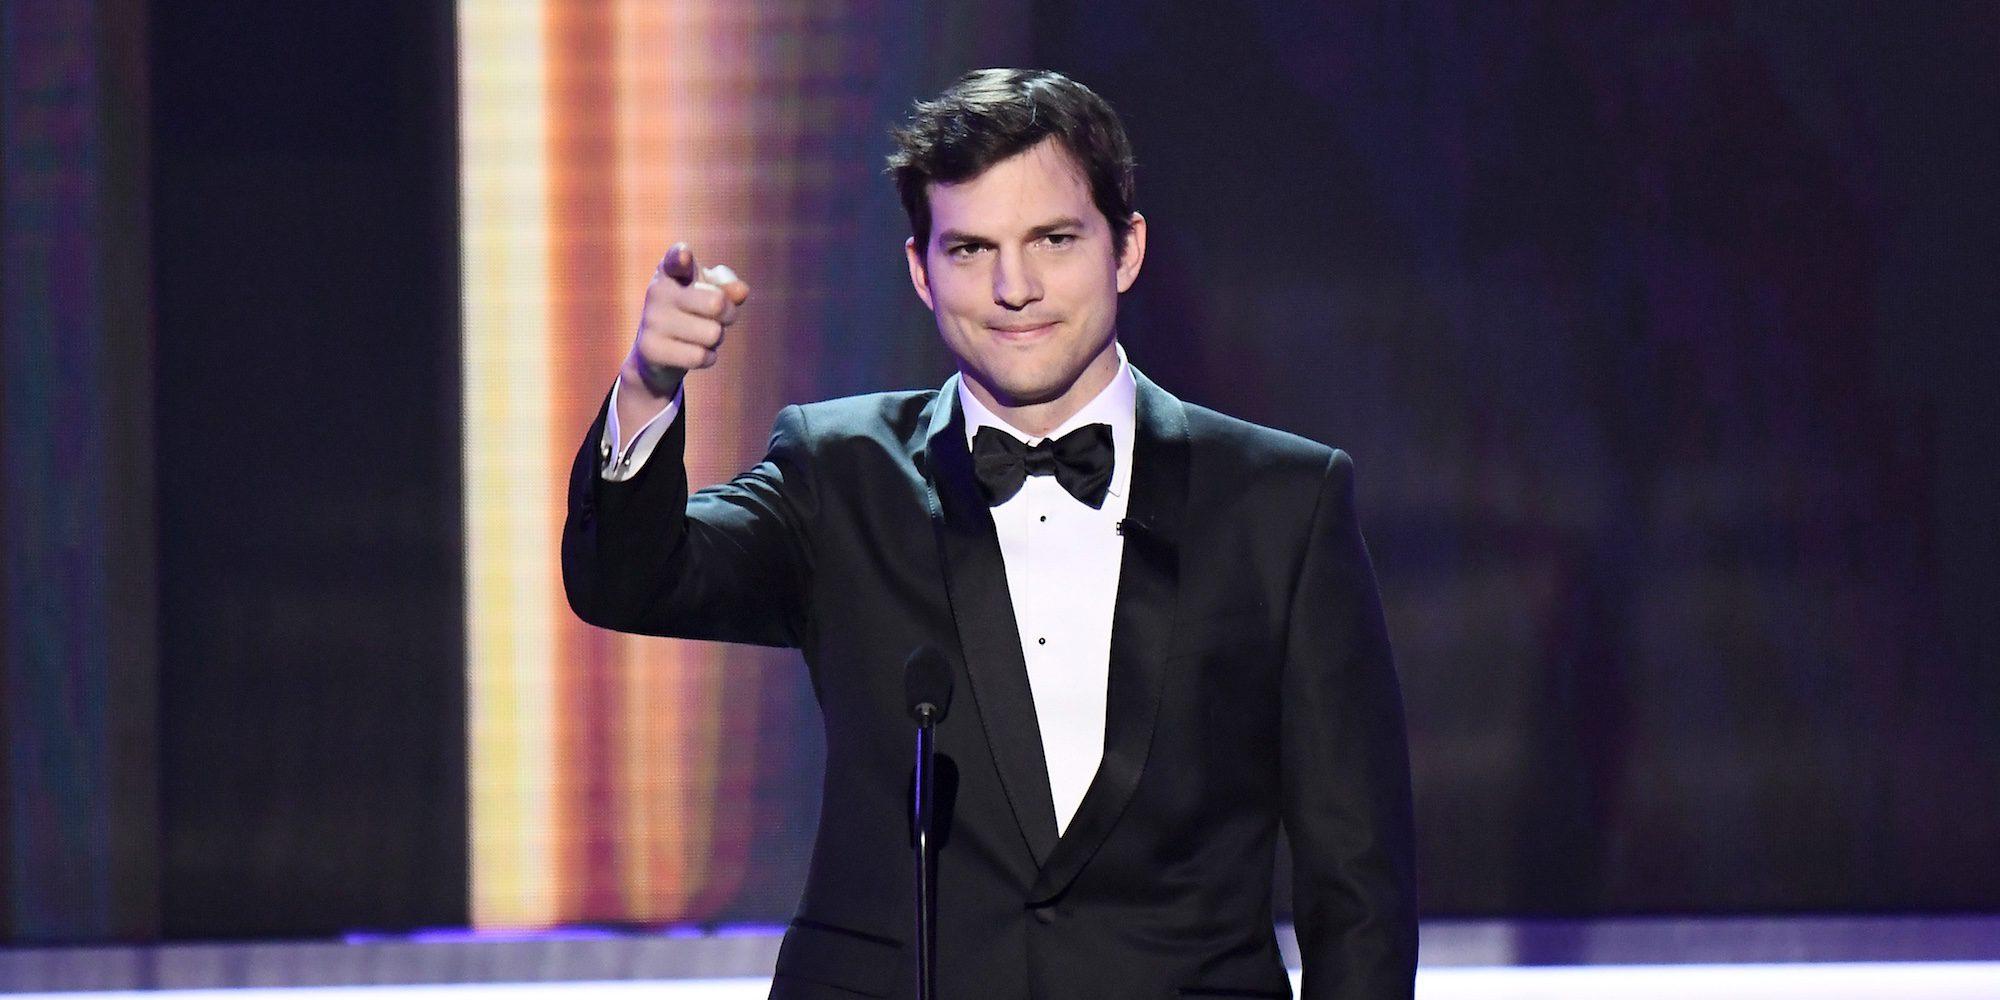 Ashton Kutcher se posiciona en contra de las armas tras el tiroteo de Las Vegas